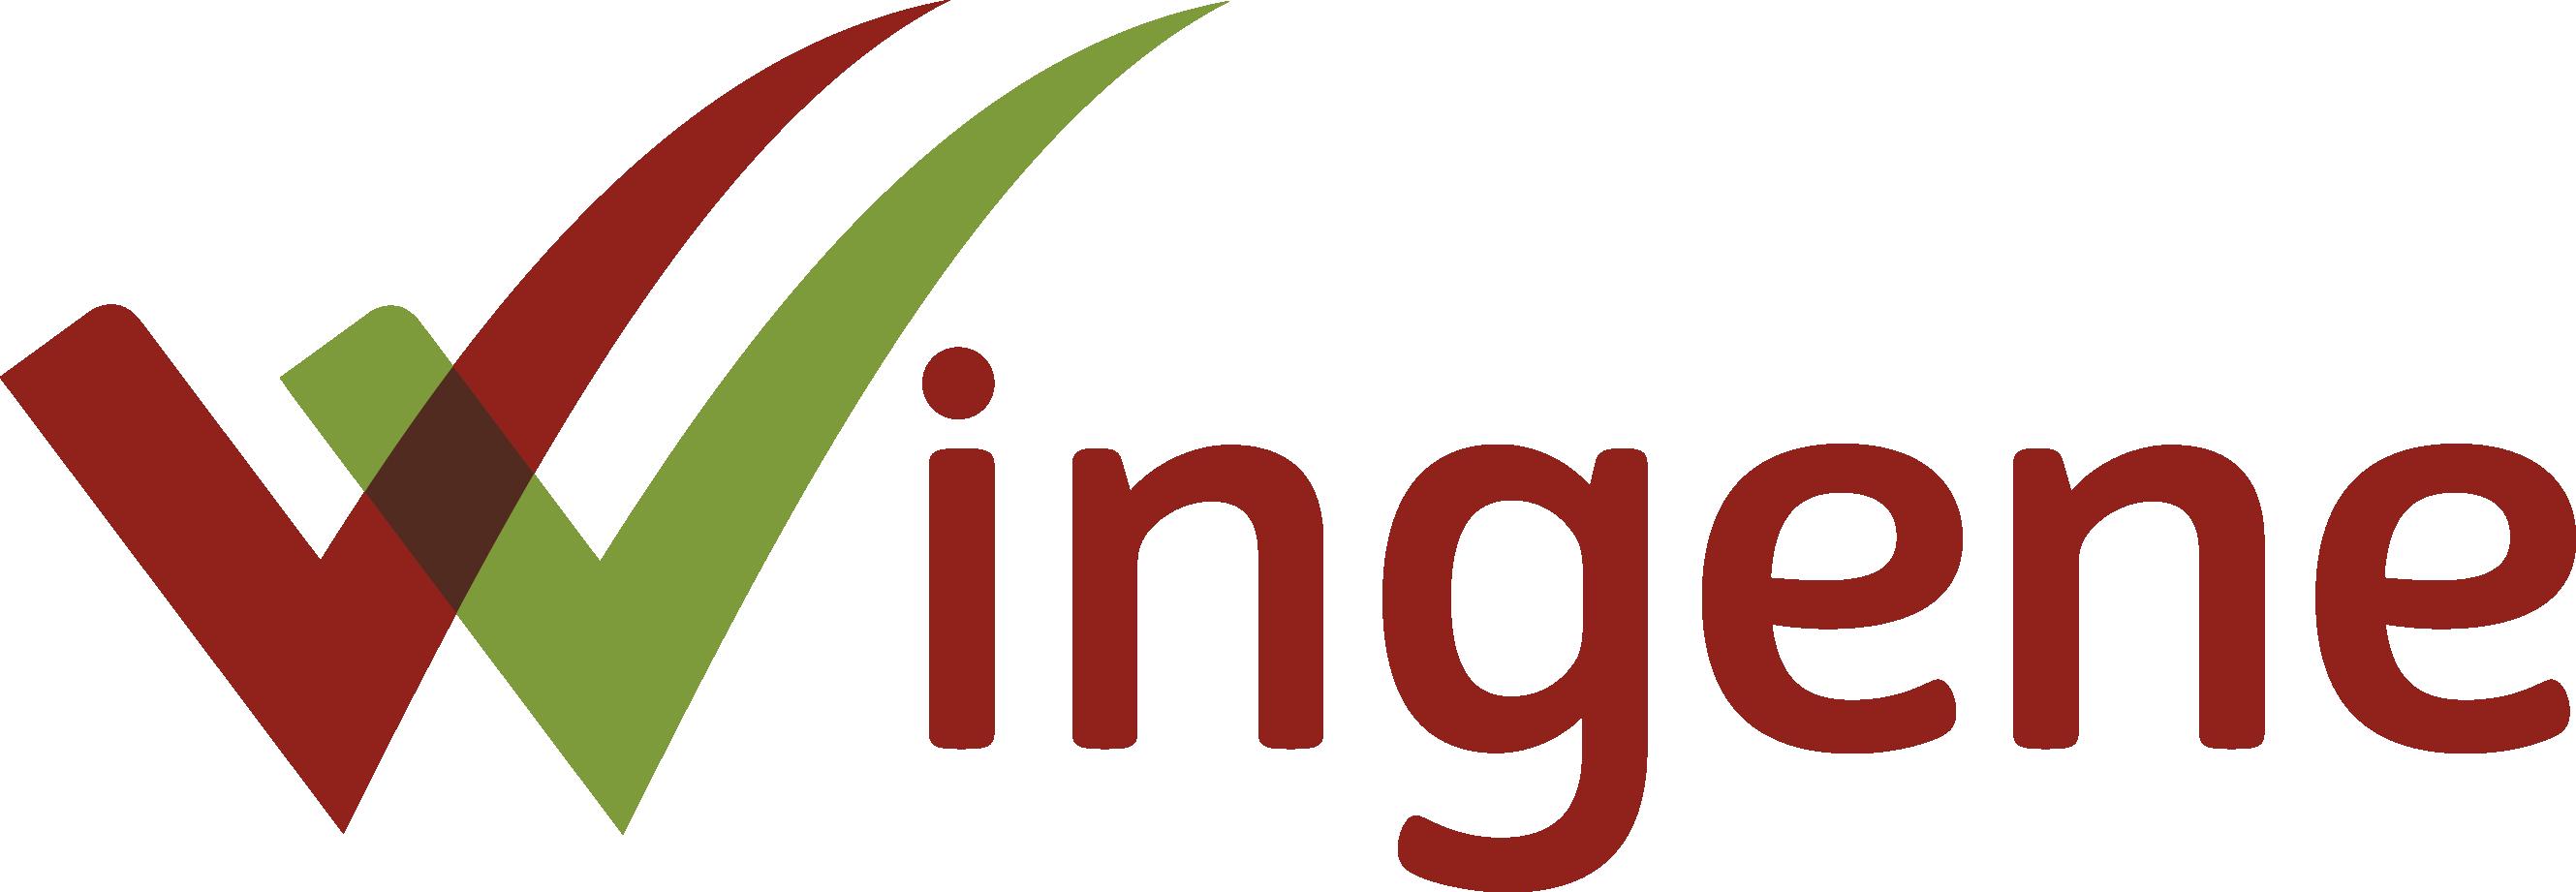 Wingene logo